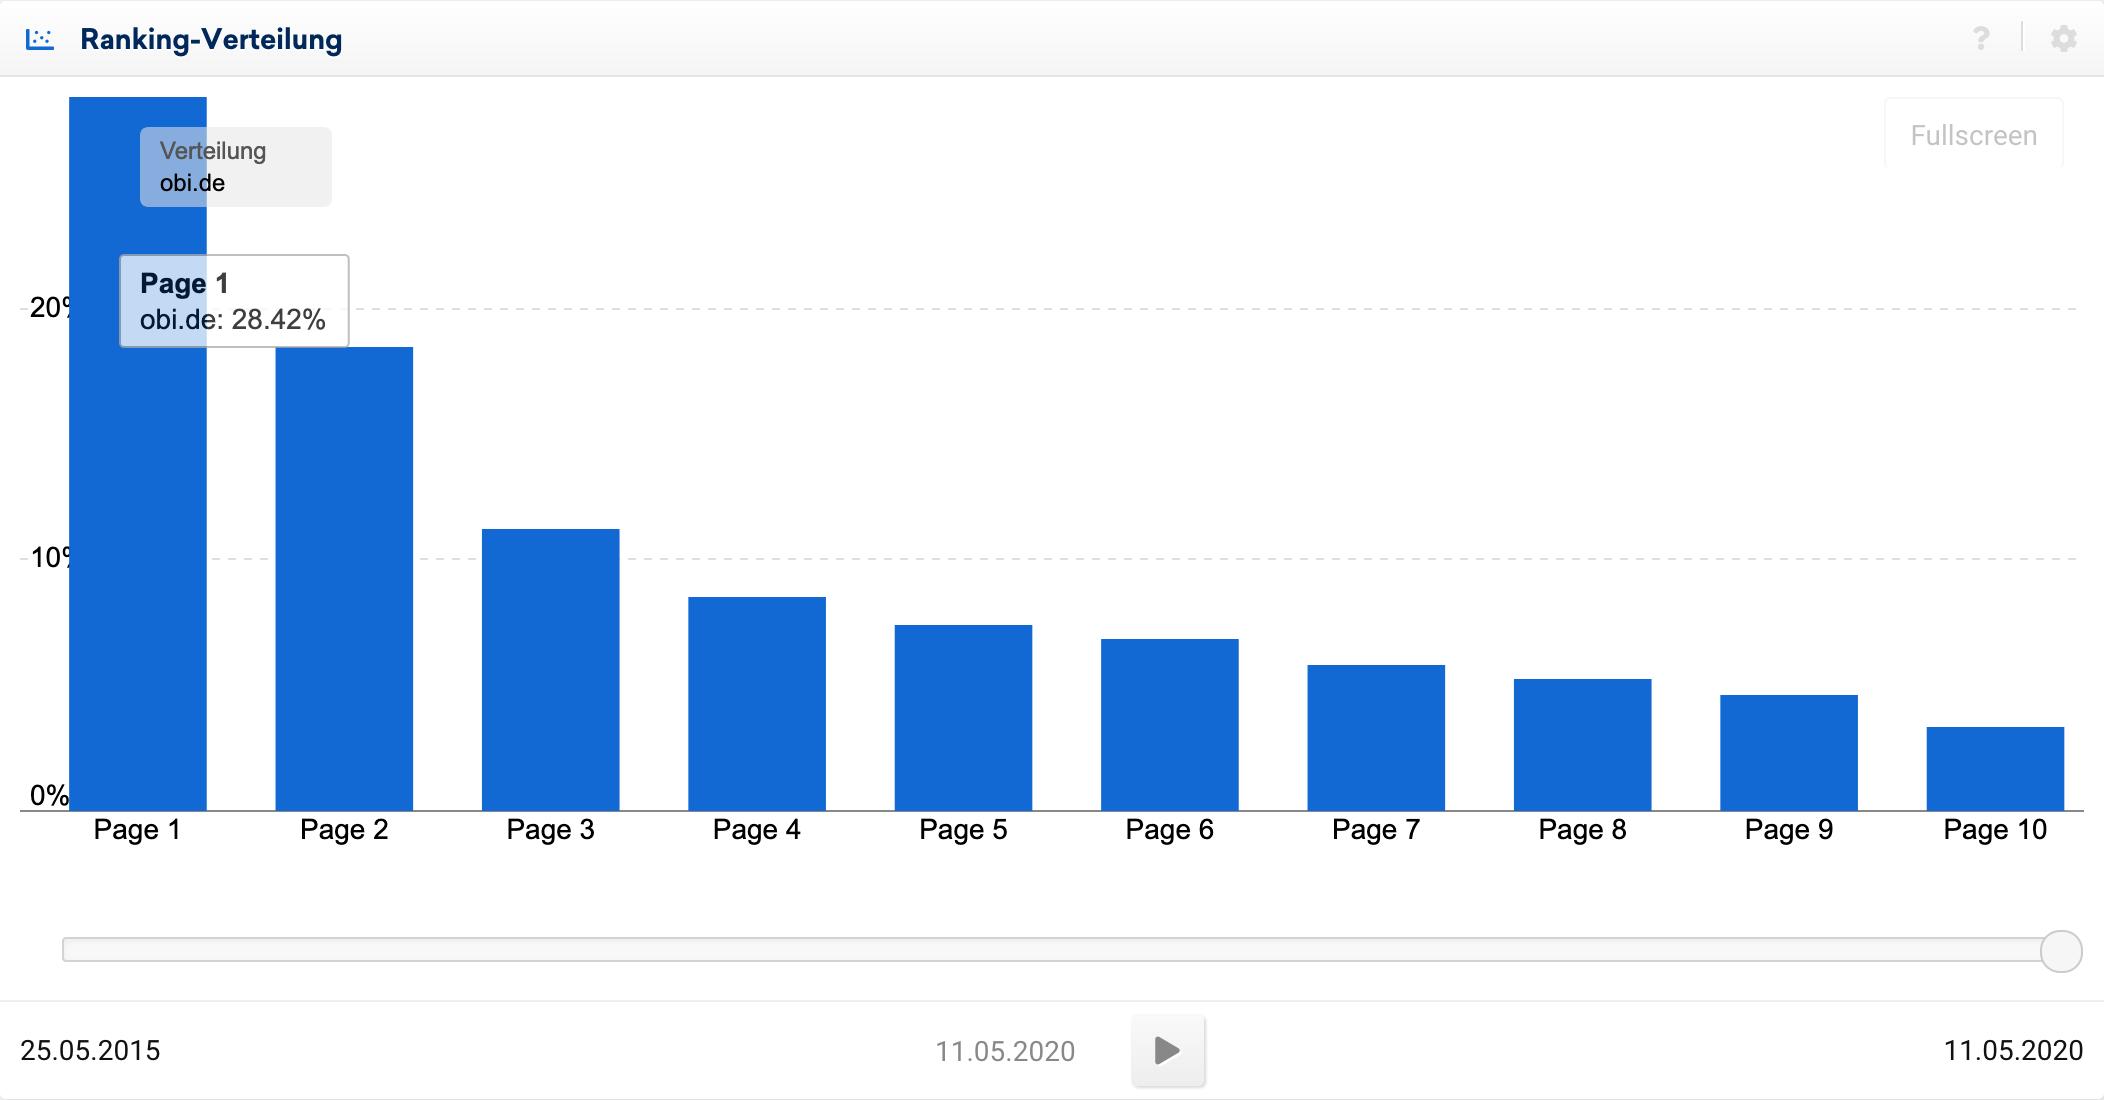 Ranking-Verteilung der Domain obi.de. Auf der ersten Ergebnisseite wurden 28.42% aller Rankings gefunden.